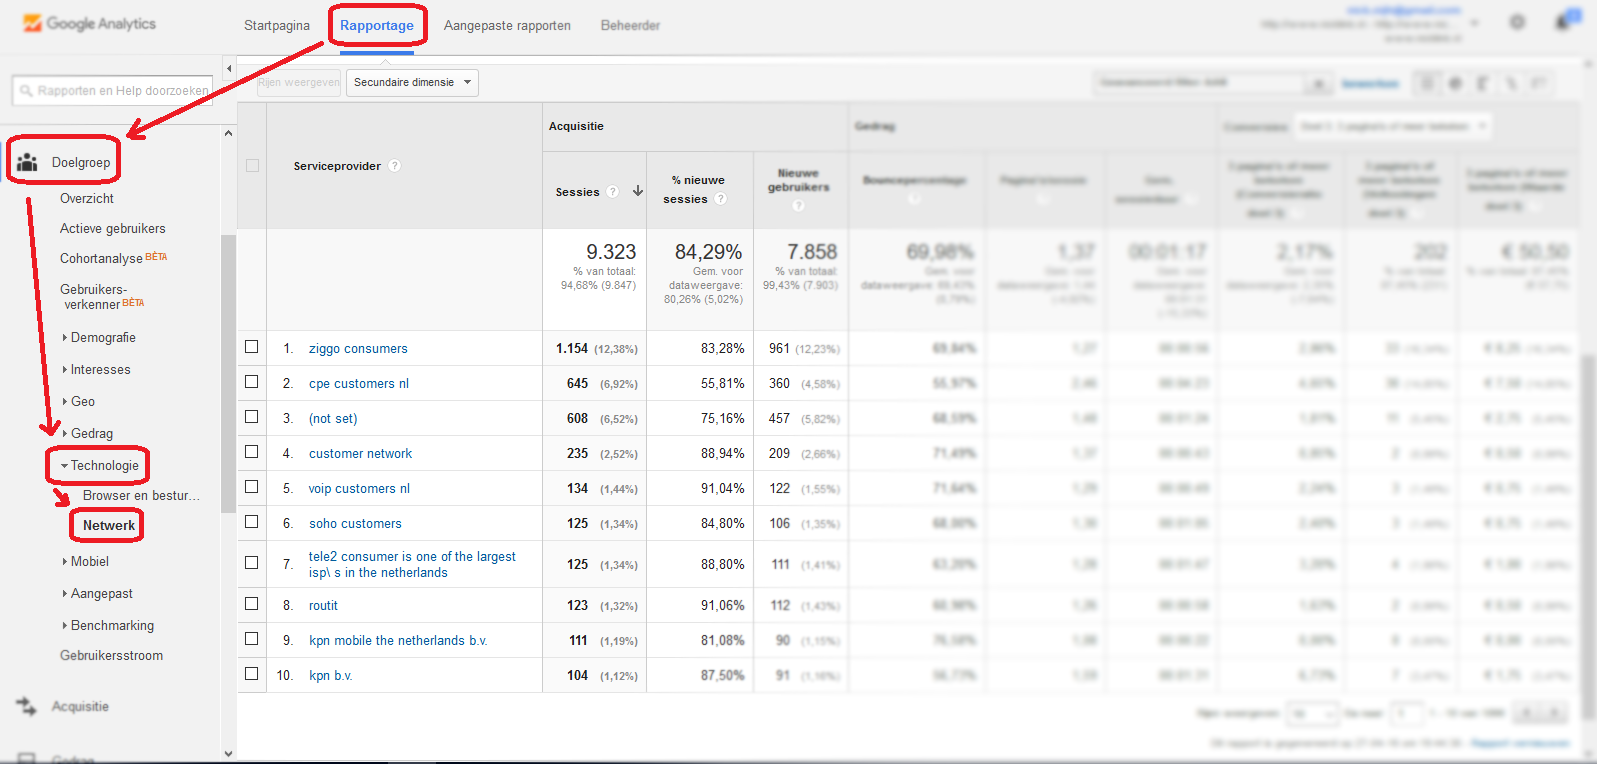 Google Analytics rapportage netwerk met stappen doelgroep, technologie en netwerk